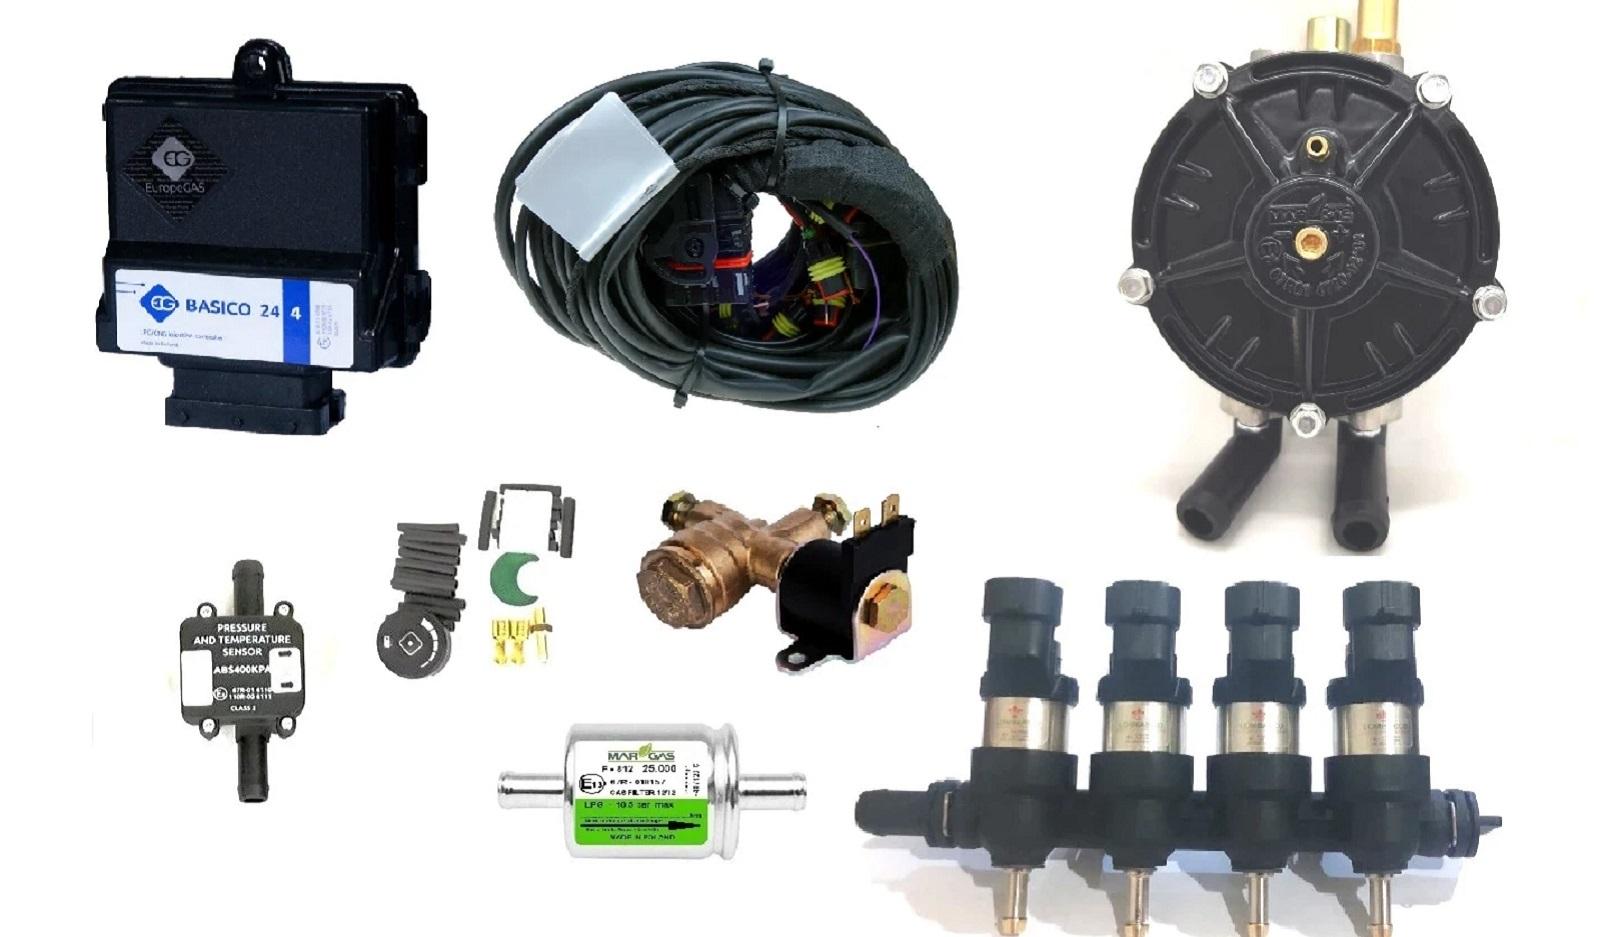 Οι πιστοποιημένοι εγκαταστάτες συστημάτων LPG, θα σας προσφέρουν σύγχρονα συστήματα που θα λειτουργούν στο 100%